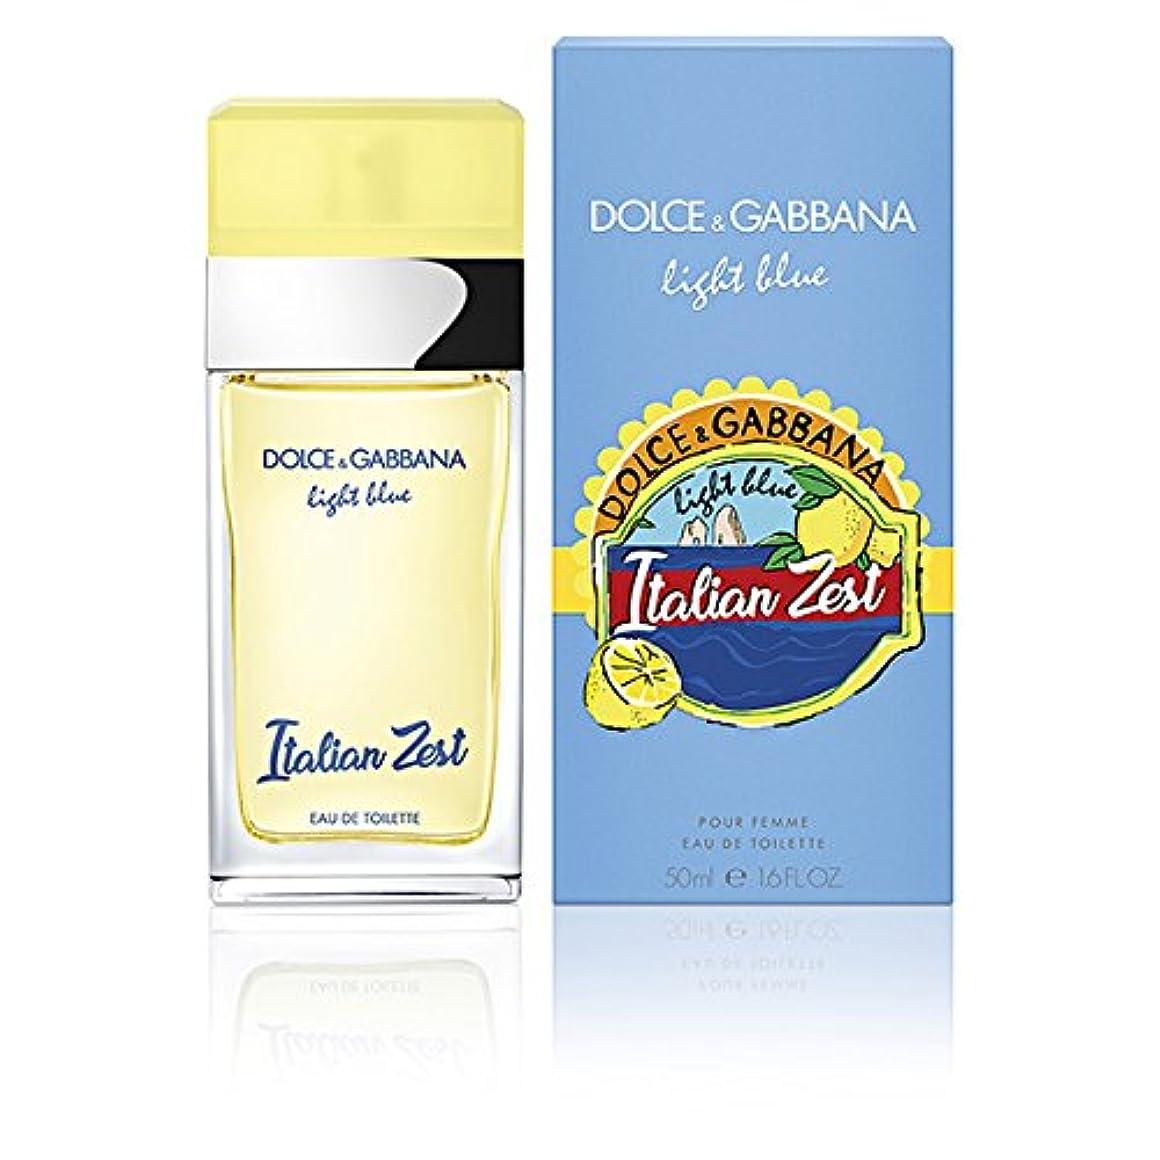 死慎重に昇るドルチェ&ガッバーナ DOLCE&GABBANA ライトブルー イタリアン ゼスト EDT SP 50ml